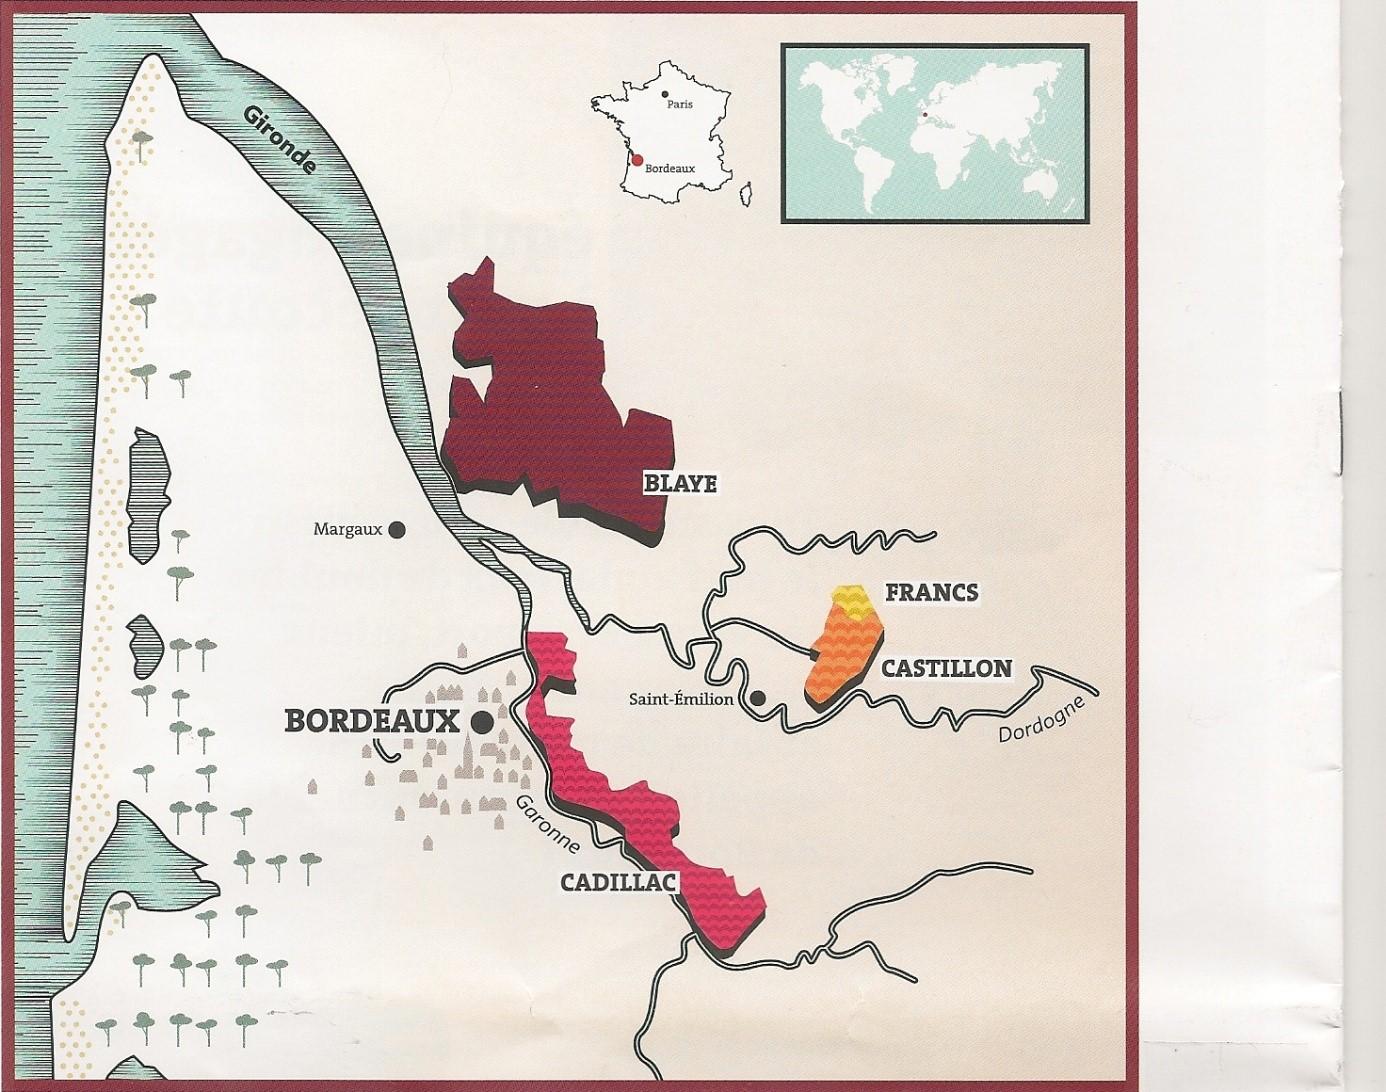 Les vins de Côtes de Bordeaux en face de l'image des vins de Bordeaux : coûteux et compliqués